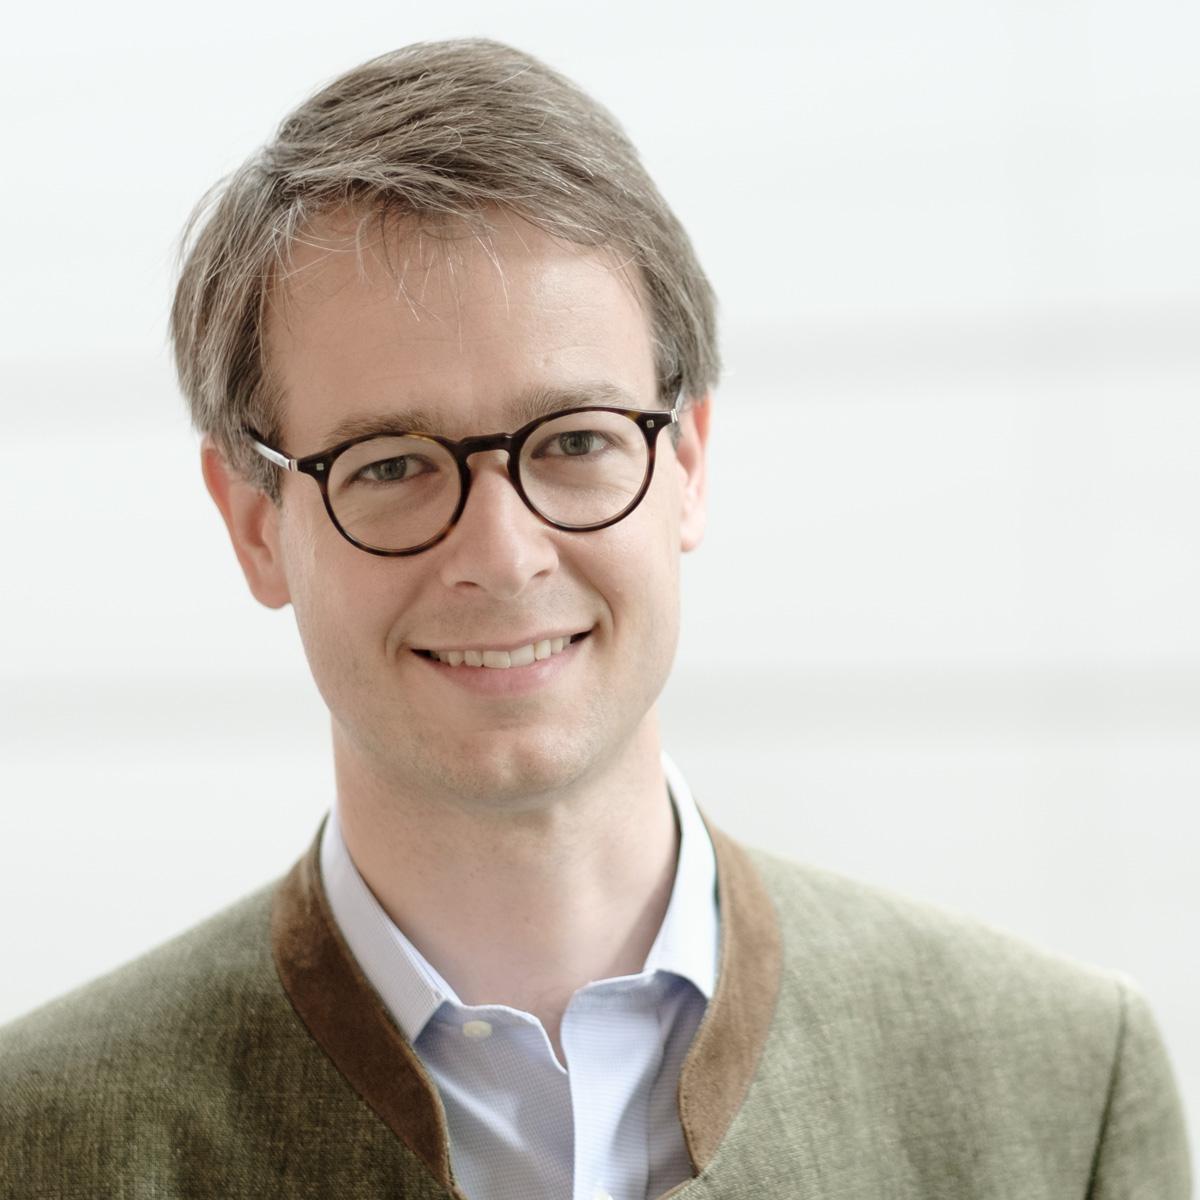 Rechtsanwalt Ulrich Mamming